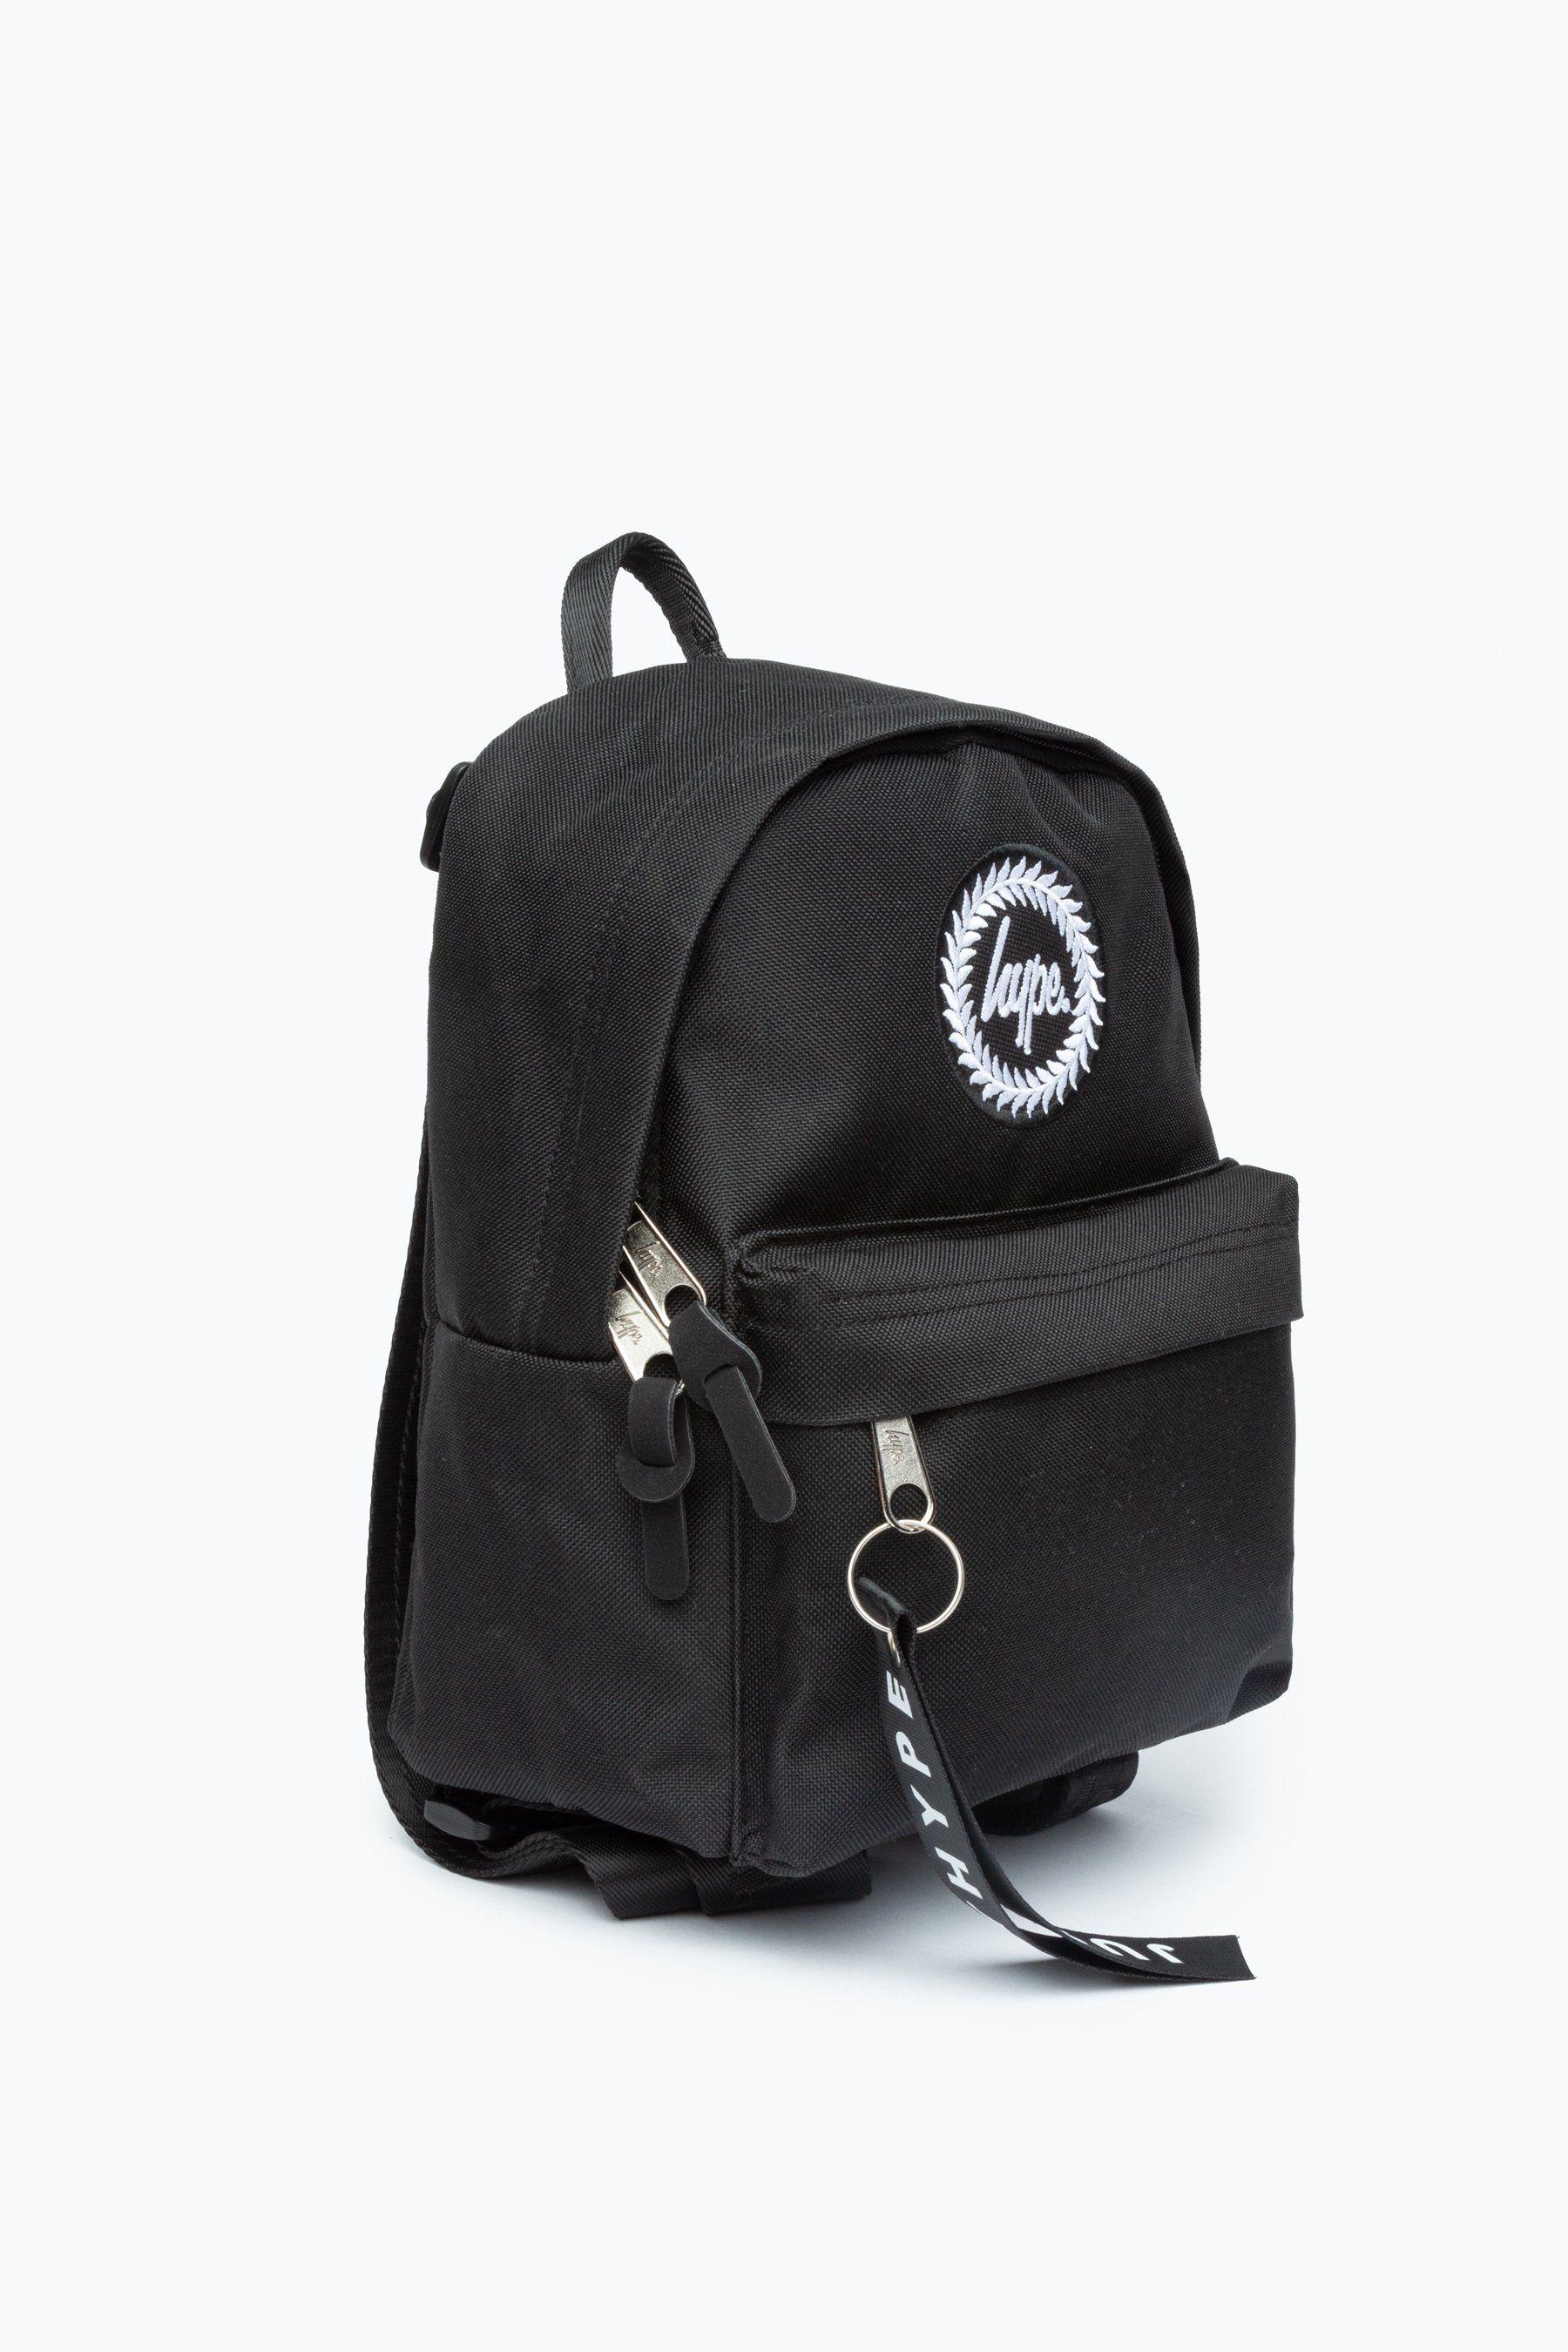 Hype Black Mini Backpack